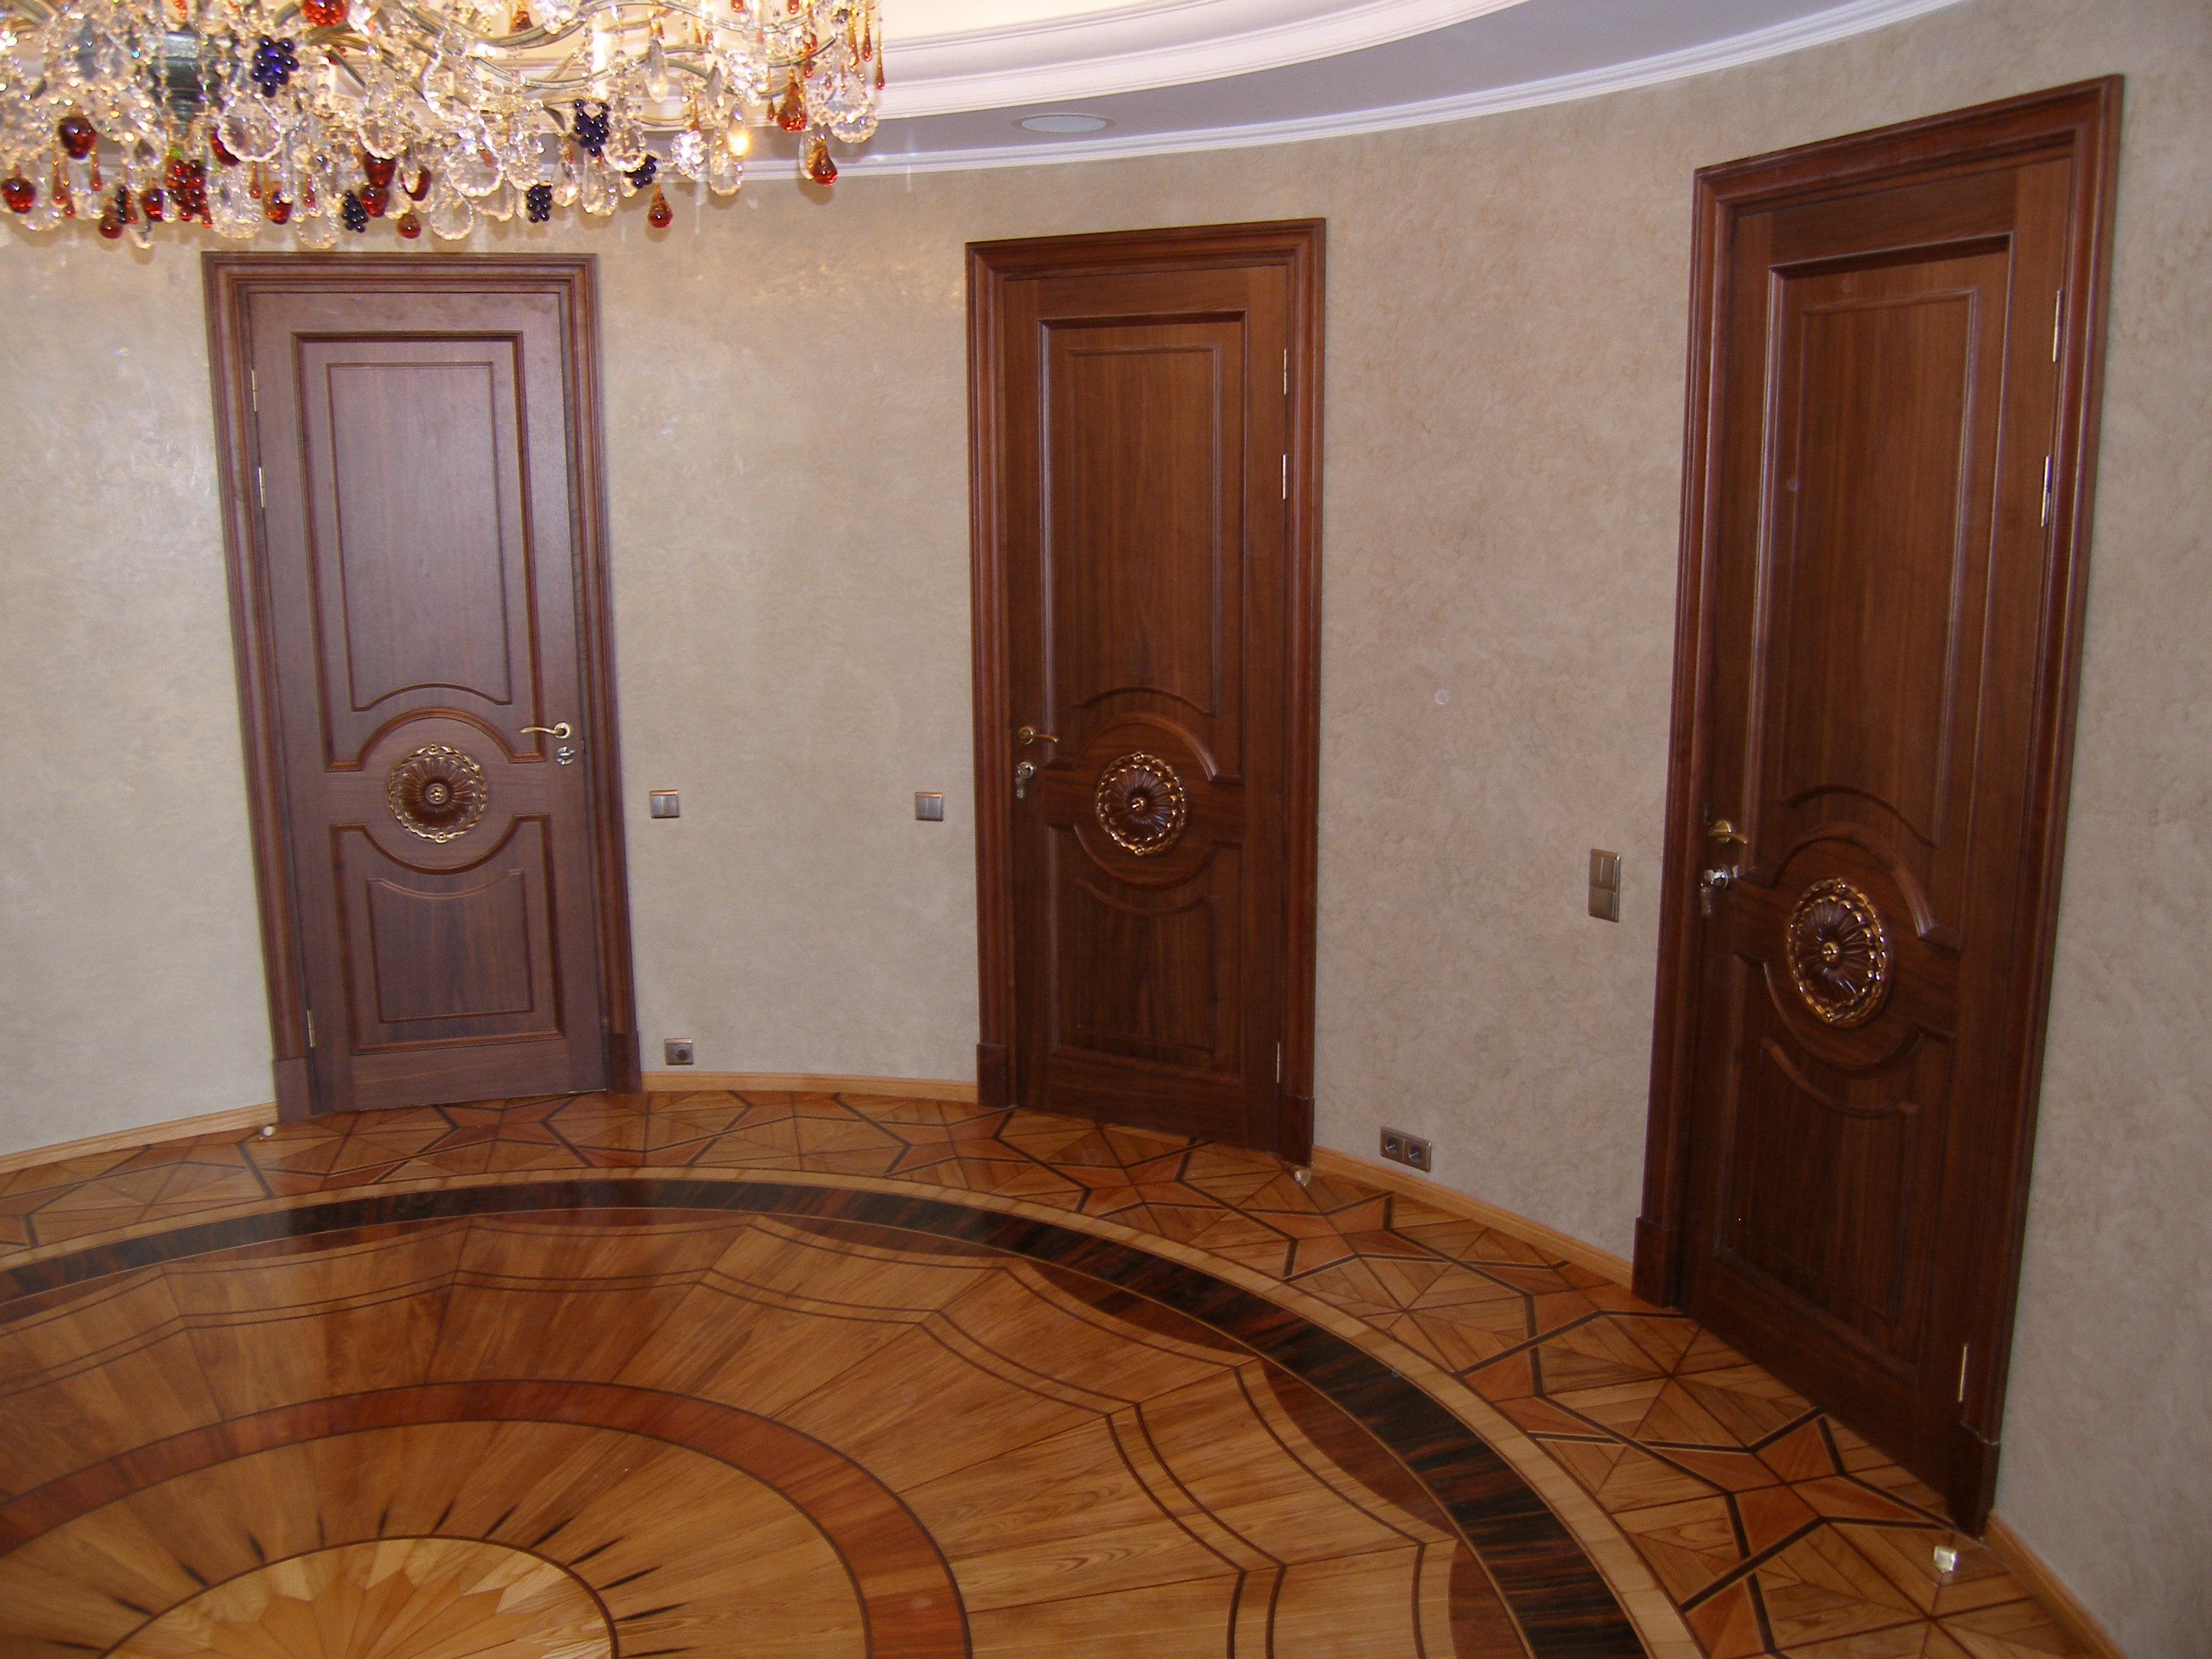 Шпонированная классическая дверь с декором